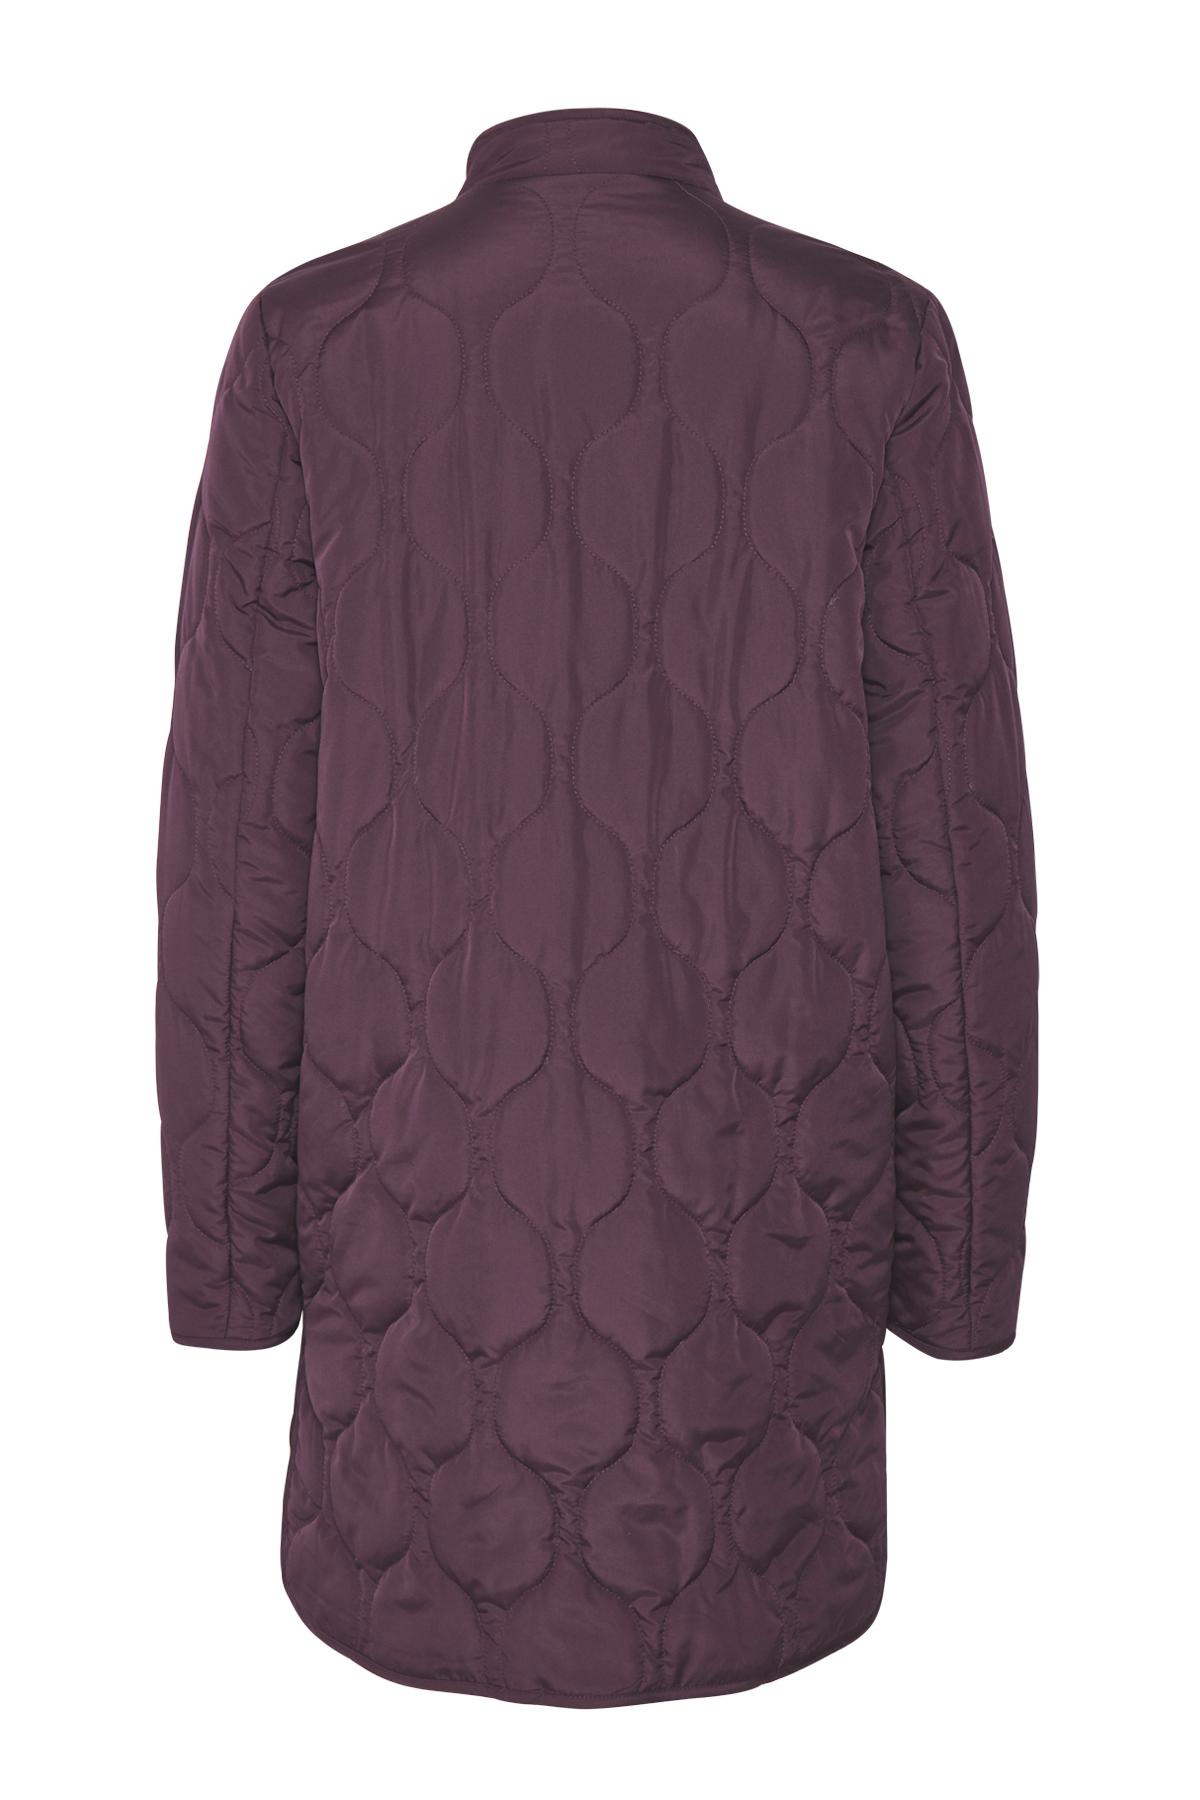 Mørk lilla Frakke fra Bon'A Parte – Køb Mørk lilla Frakke fra str. S-2XL her